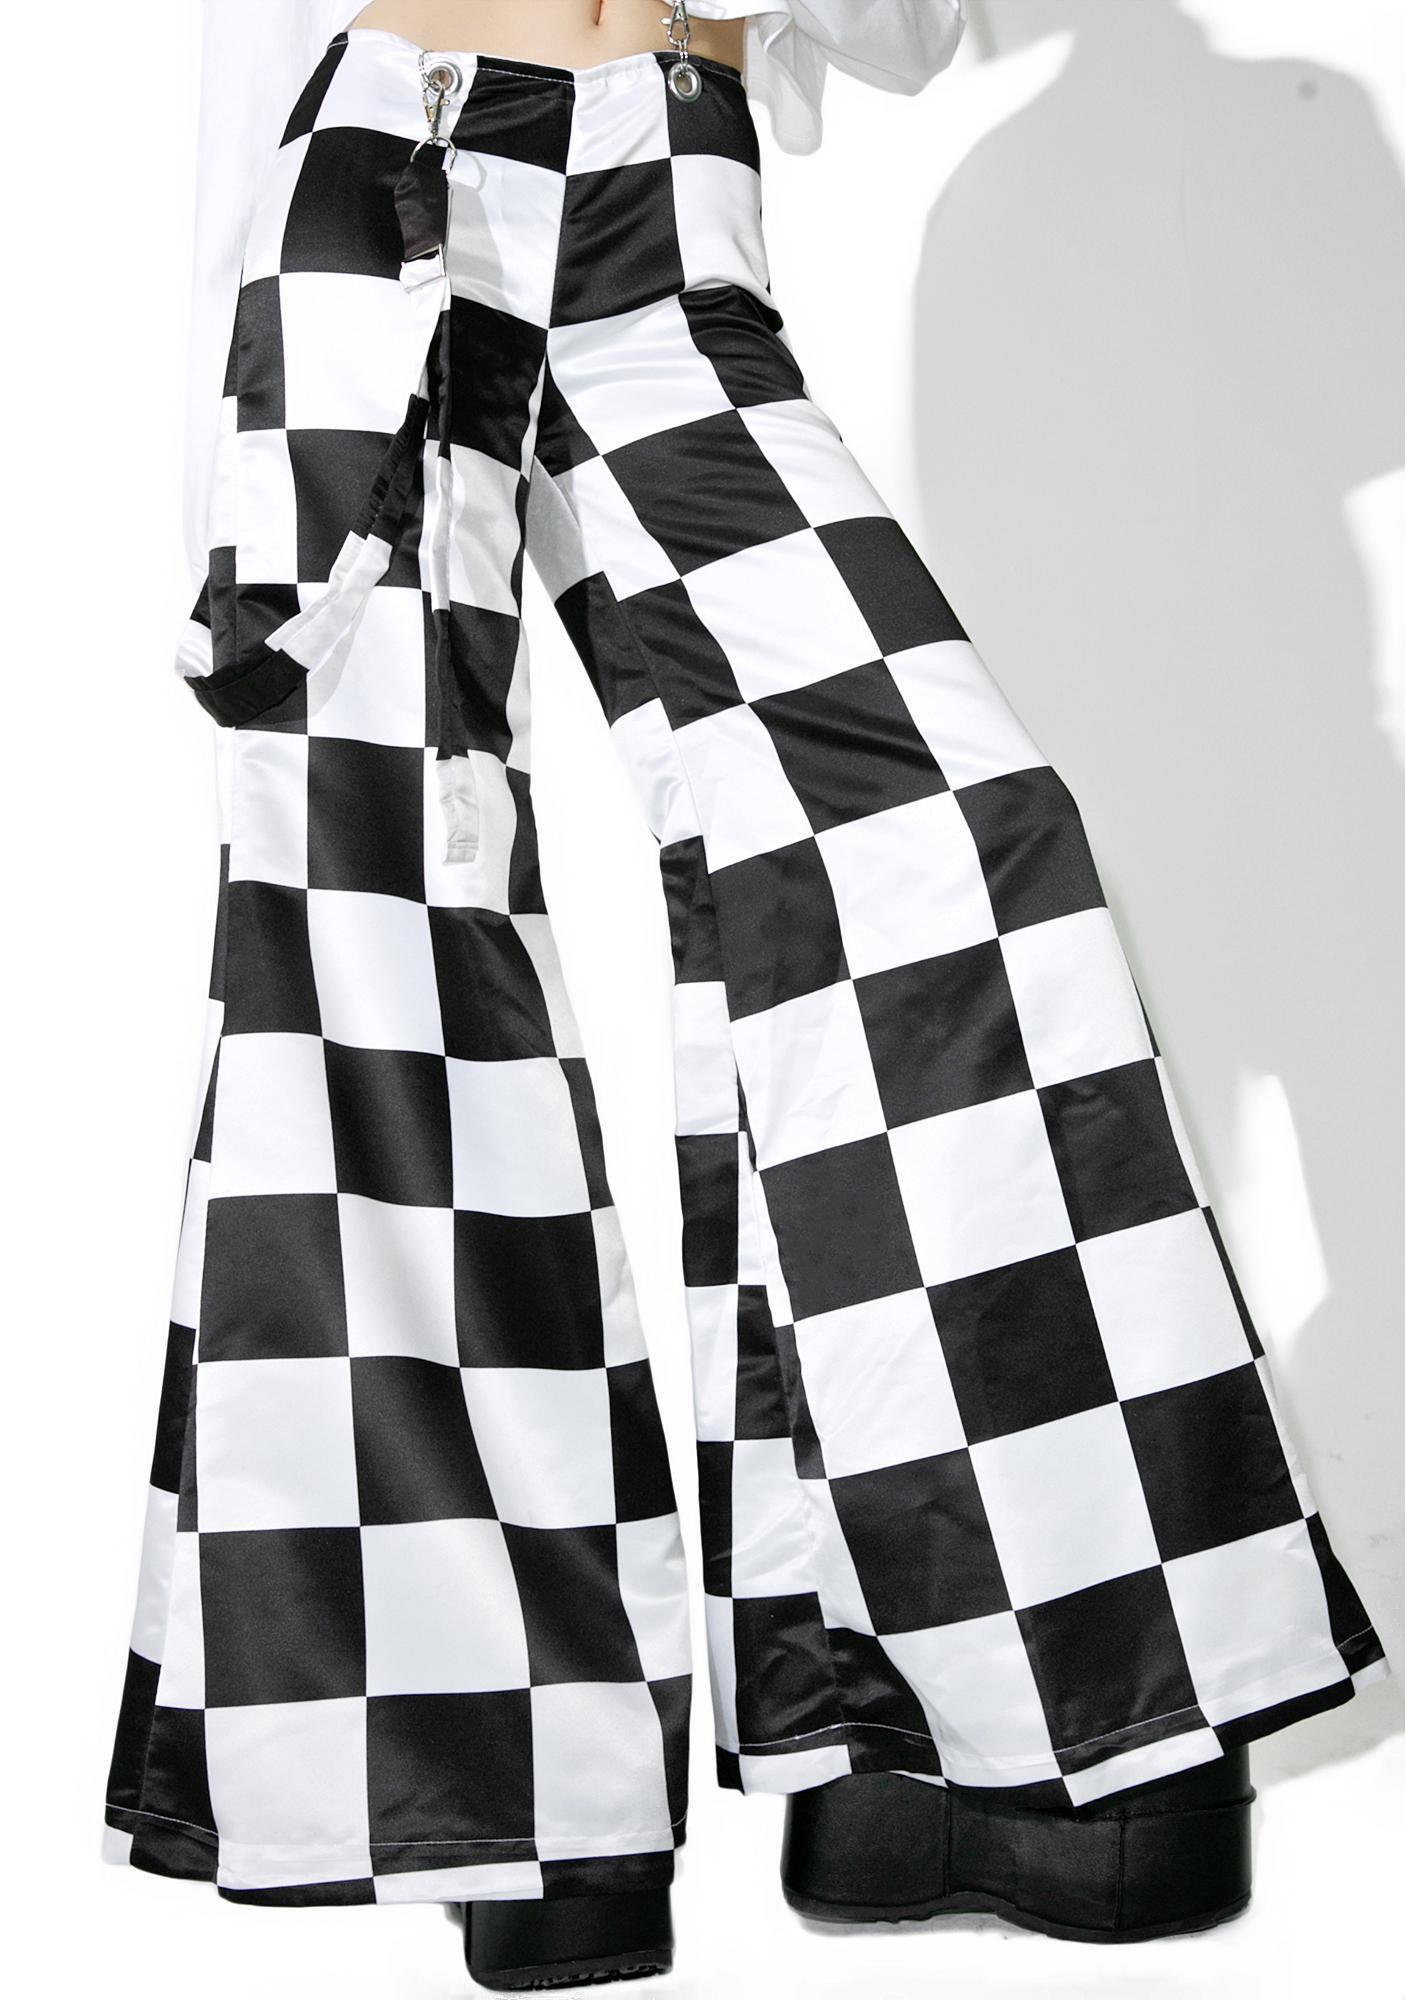 DEVOWEVO Prankster Checkerboard Suspender Bells